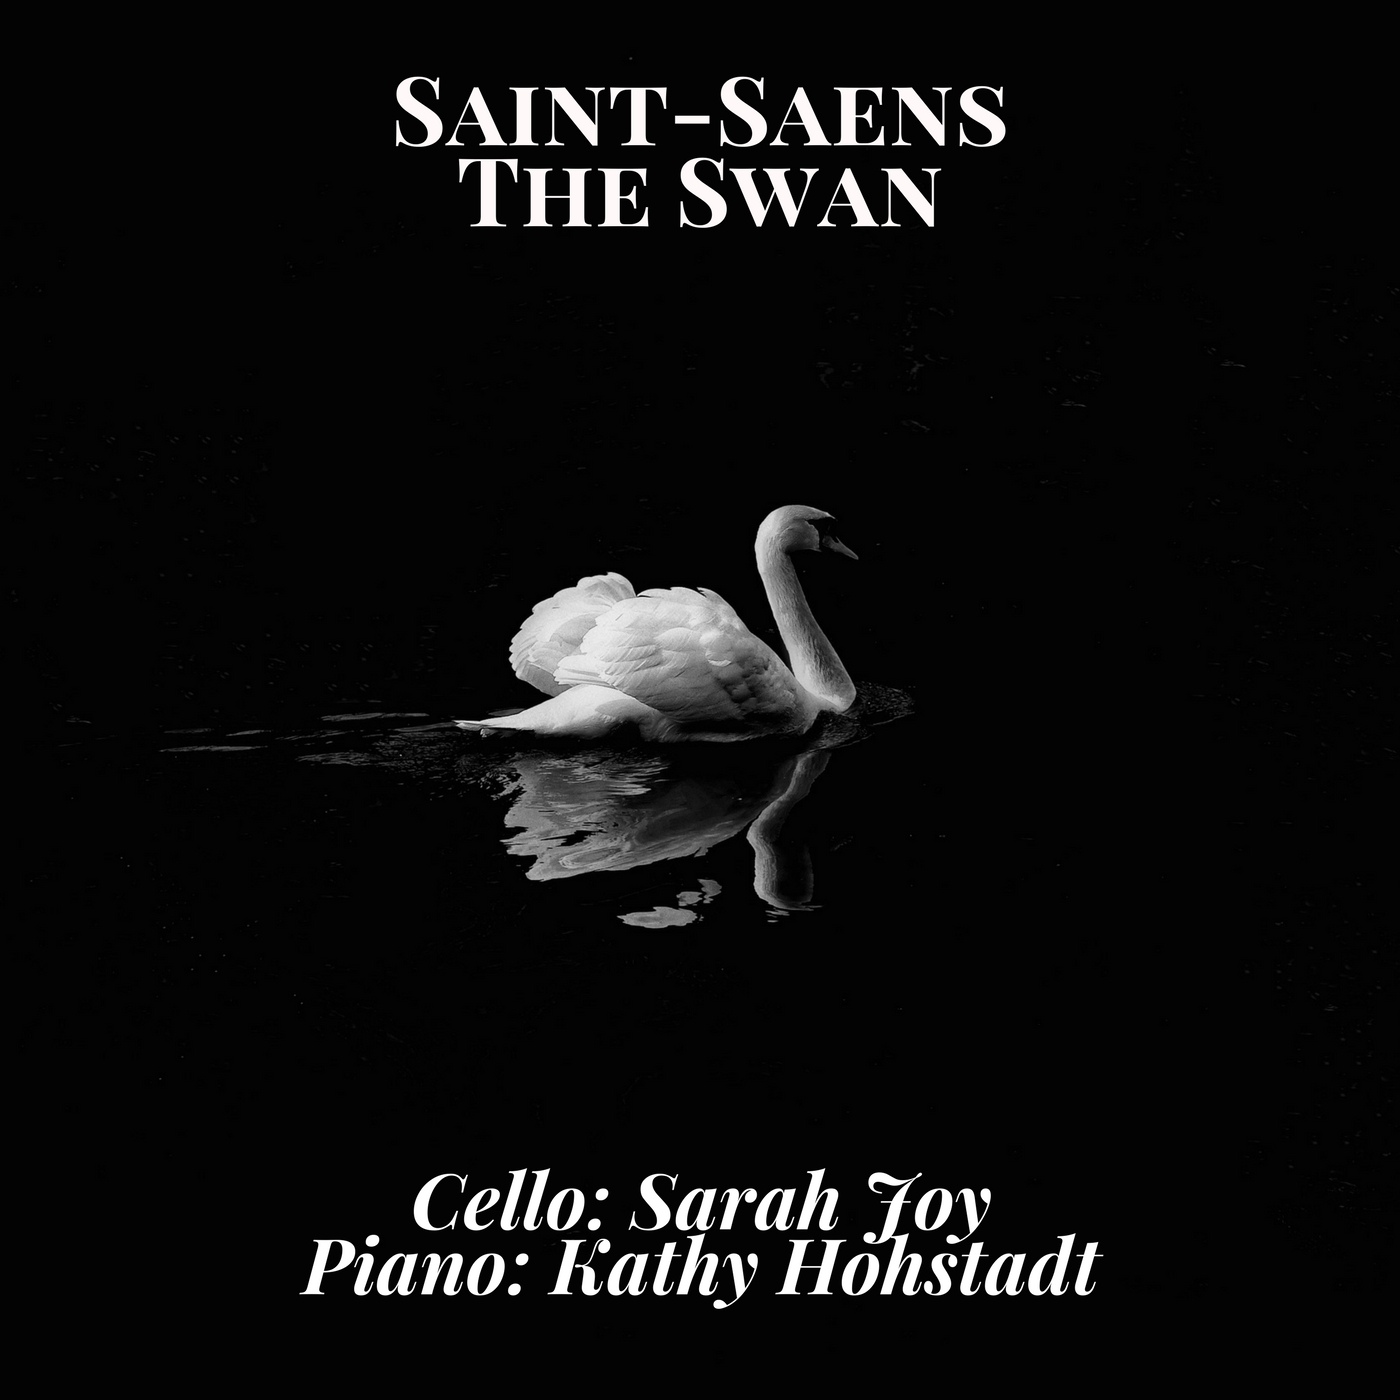 Saint-Saëns - The Swan